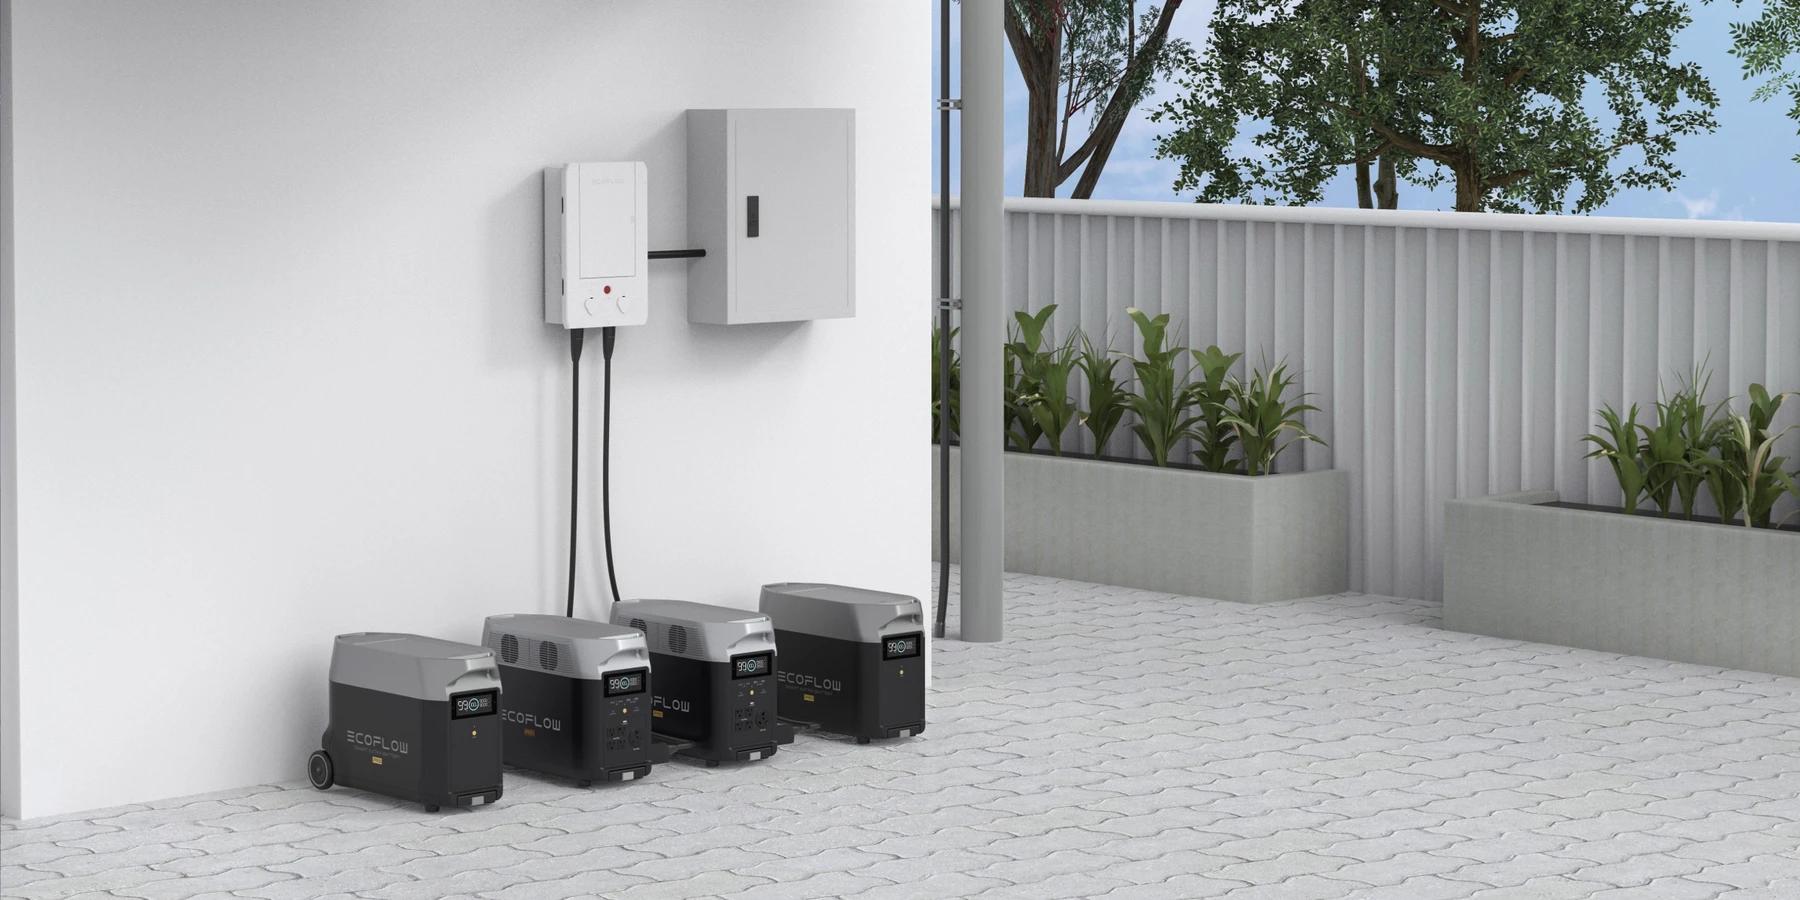 Centrala Smart Home Panel zapewnia nieprzerwane zasilanie awaryjne